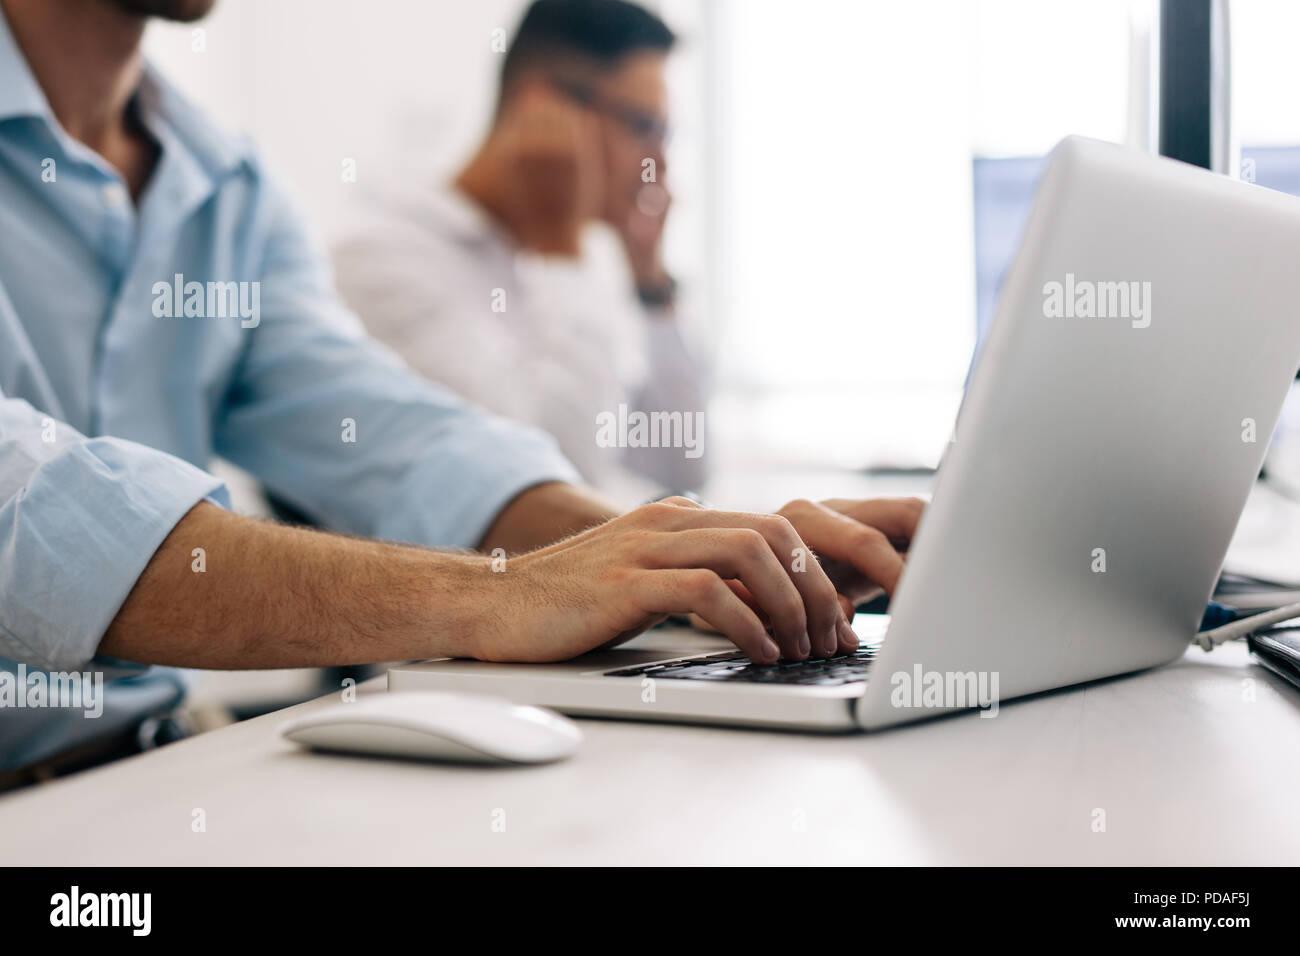 Software Entwickler im Büro arbeiten an Computern. Nahaufnahme eines Application Developer, der an einem Notebook arbeitet im Büro. Stockfoto